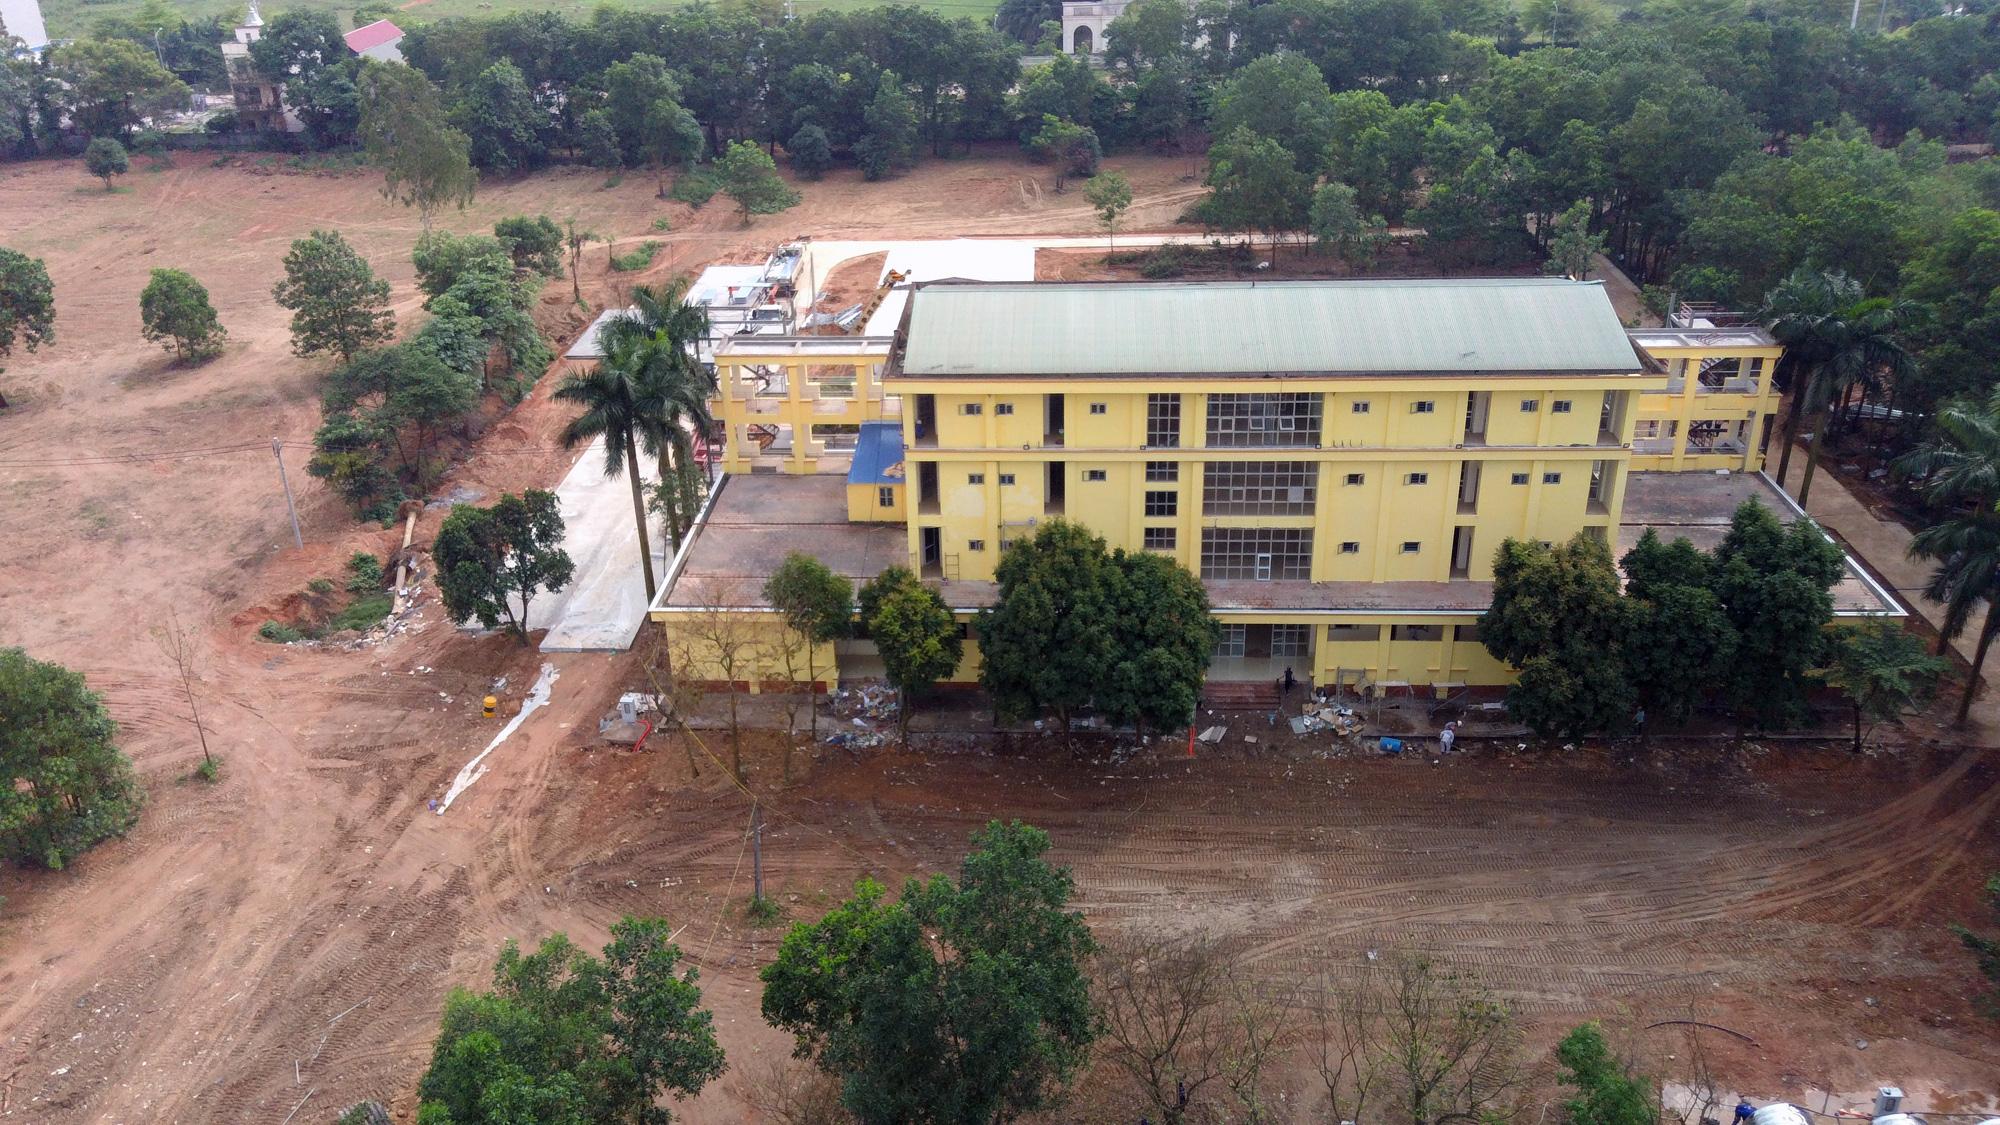 Hà Nội sửa xong bệnh viện bỏ hoang ở Mê Linh làm khu cách li chống dịch Covid-19 - Ảnh 8.